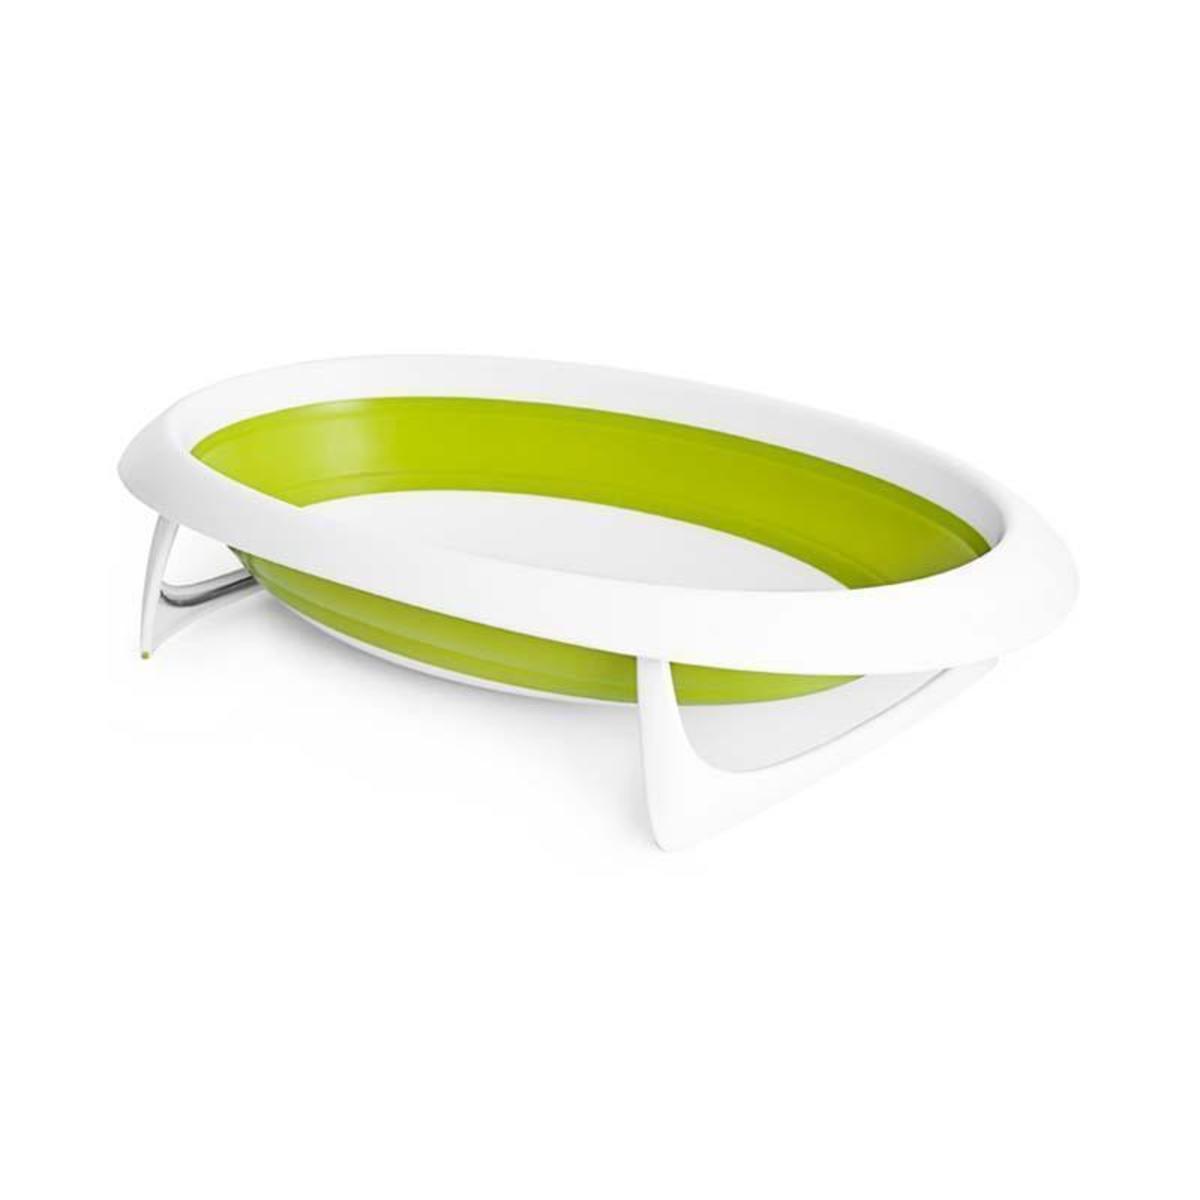 NAKED 摺疊浴盆 香港行貨 (2色) - 綠色